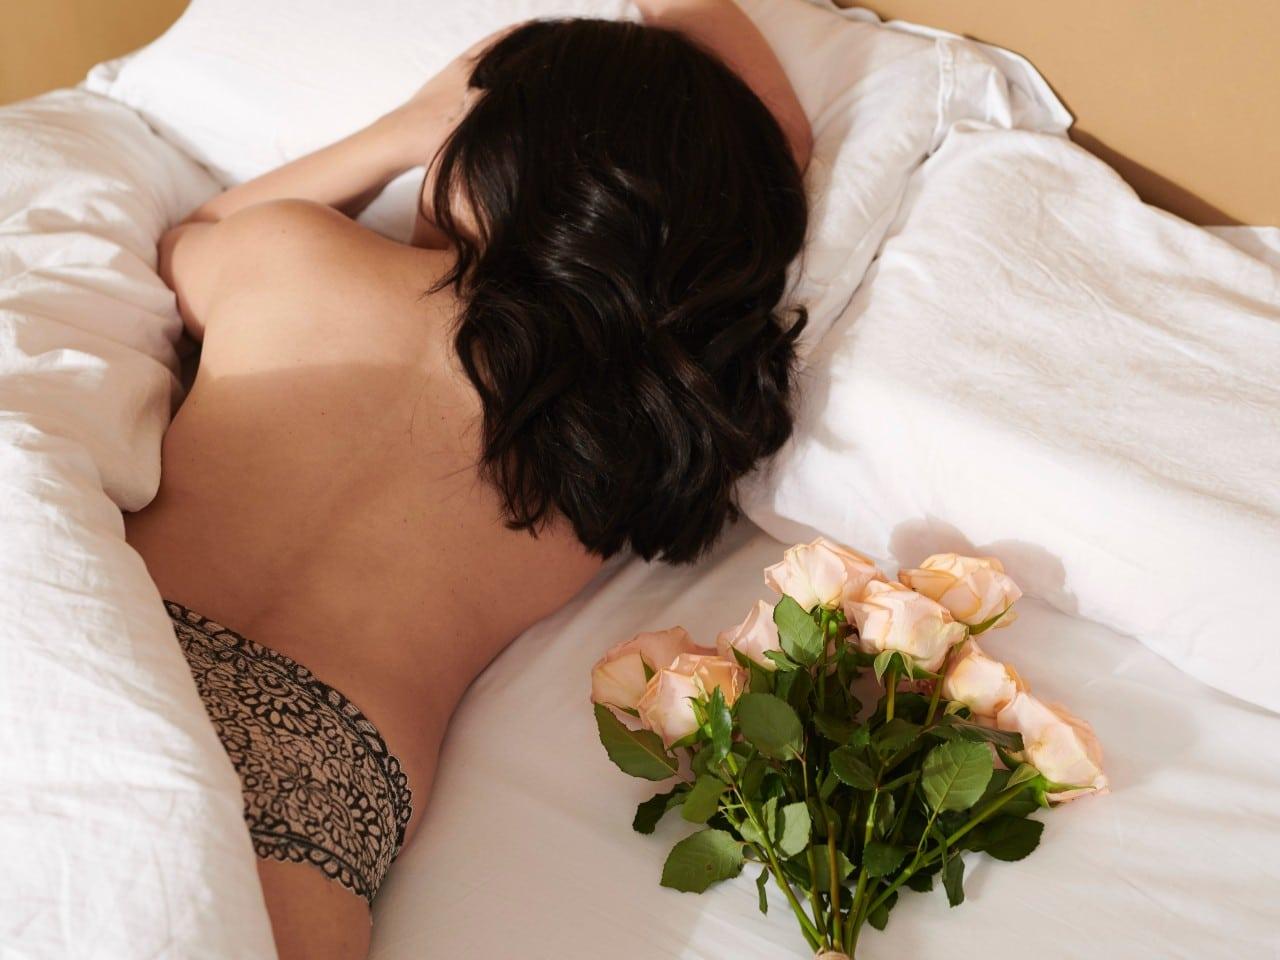 Sexo romántico, cómo hacerlo